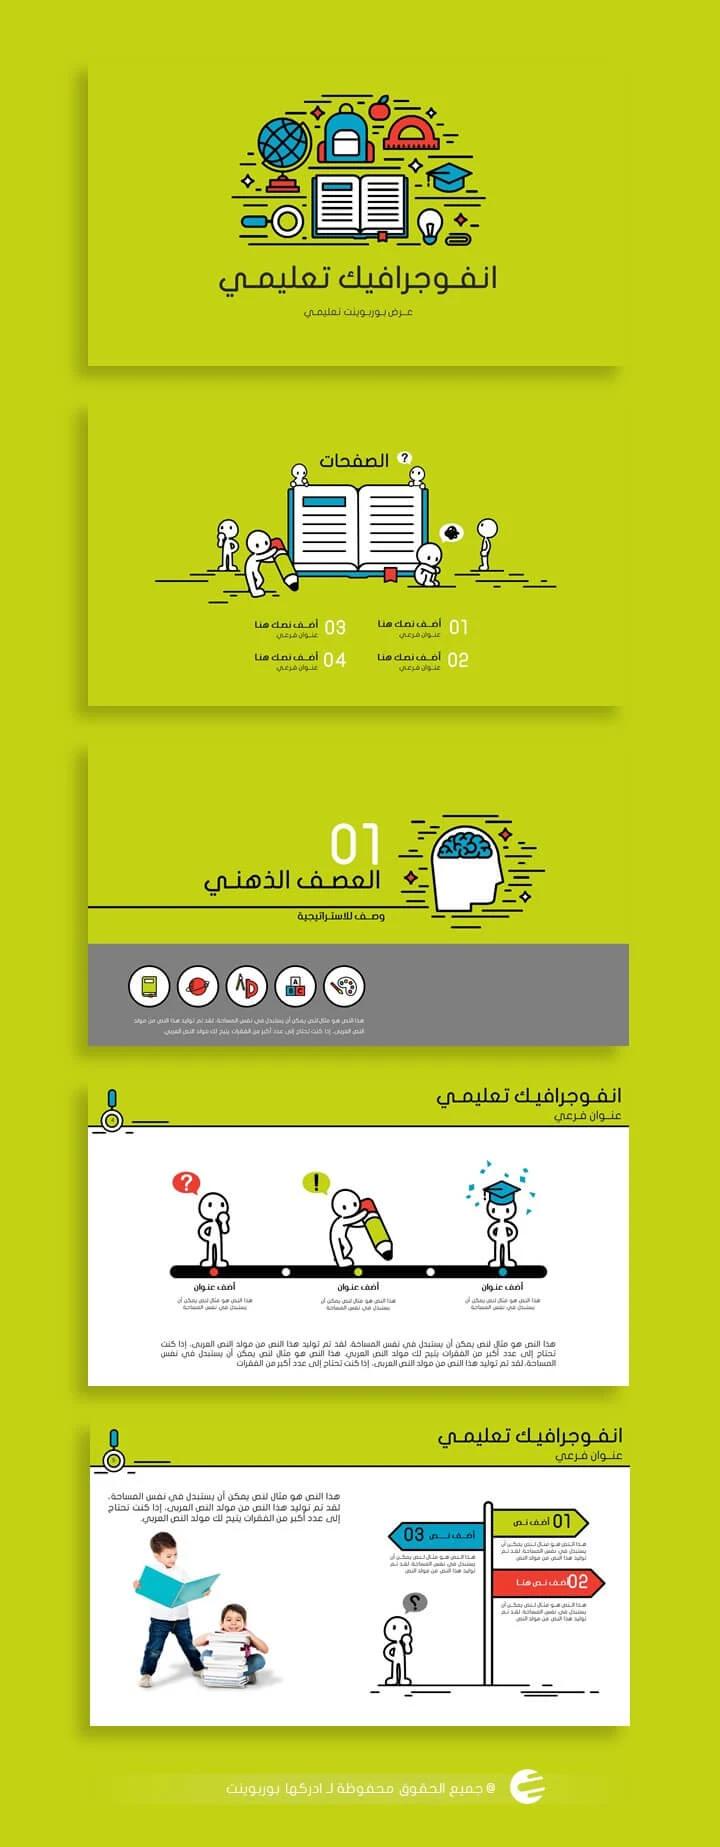 انفوجرافيك بوربوينت تعليمي جاهز لرياض الأطفال حتى المرحلة الثانوية ادركها بوربوينت Presentation Education